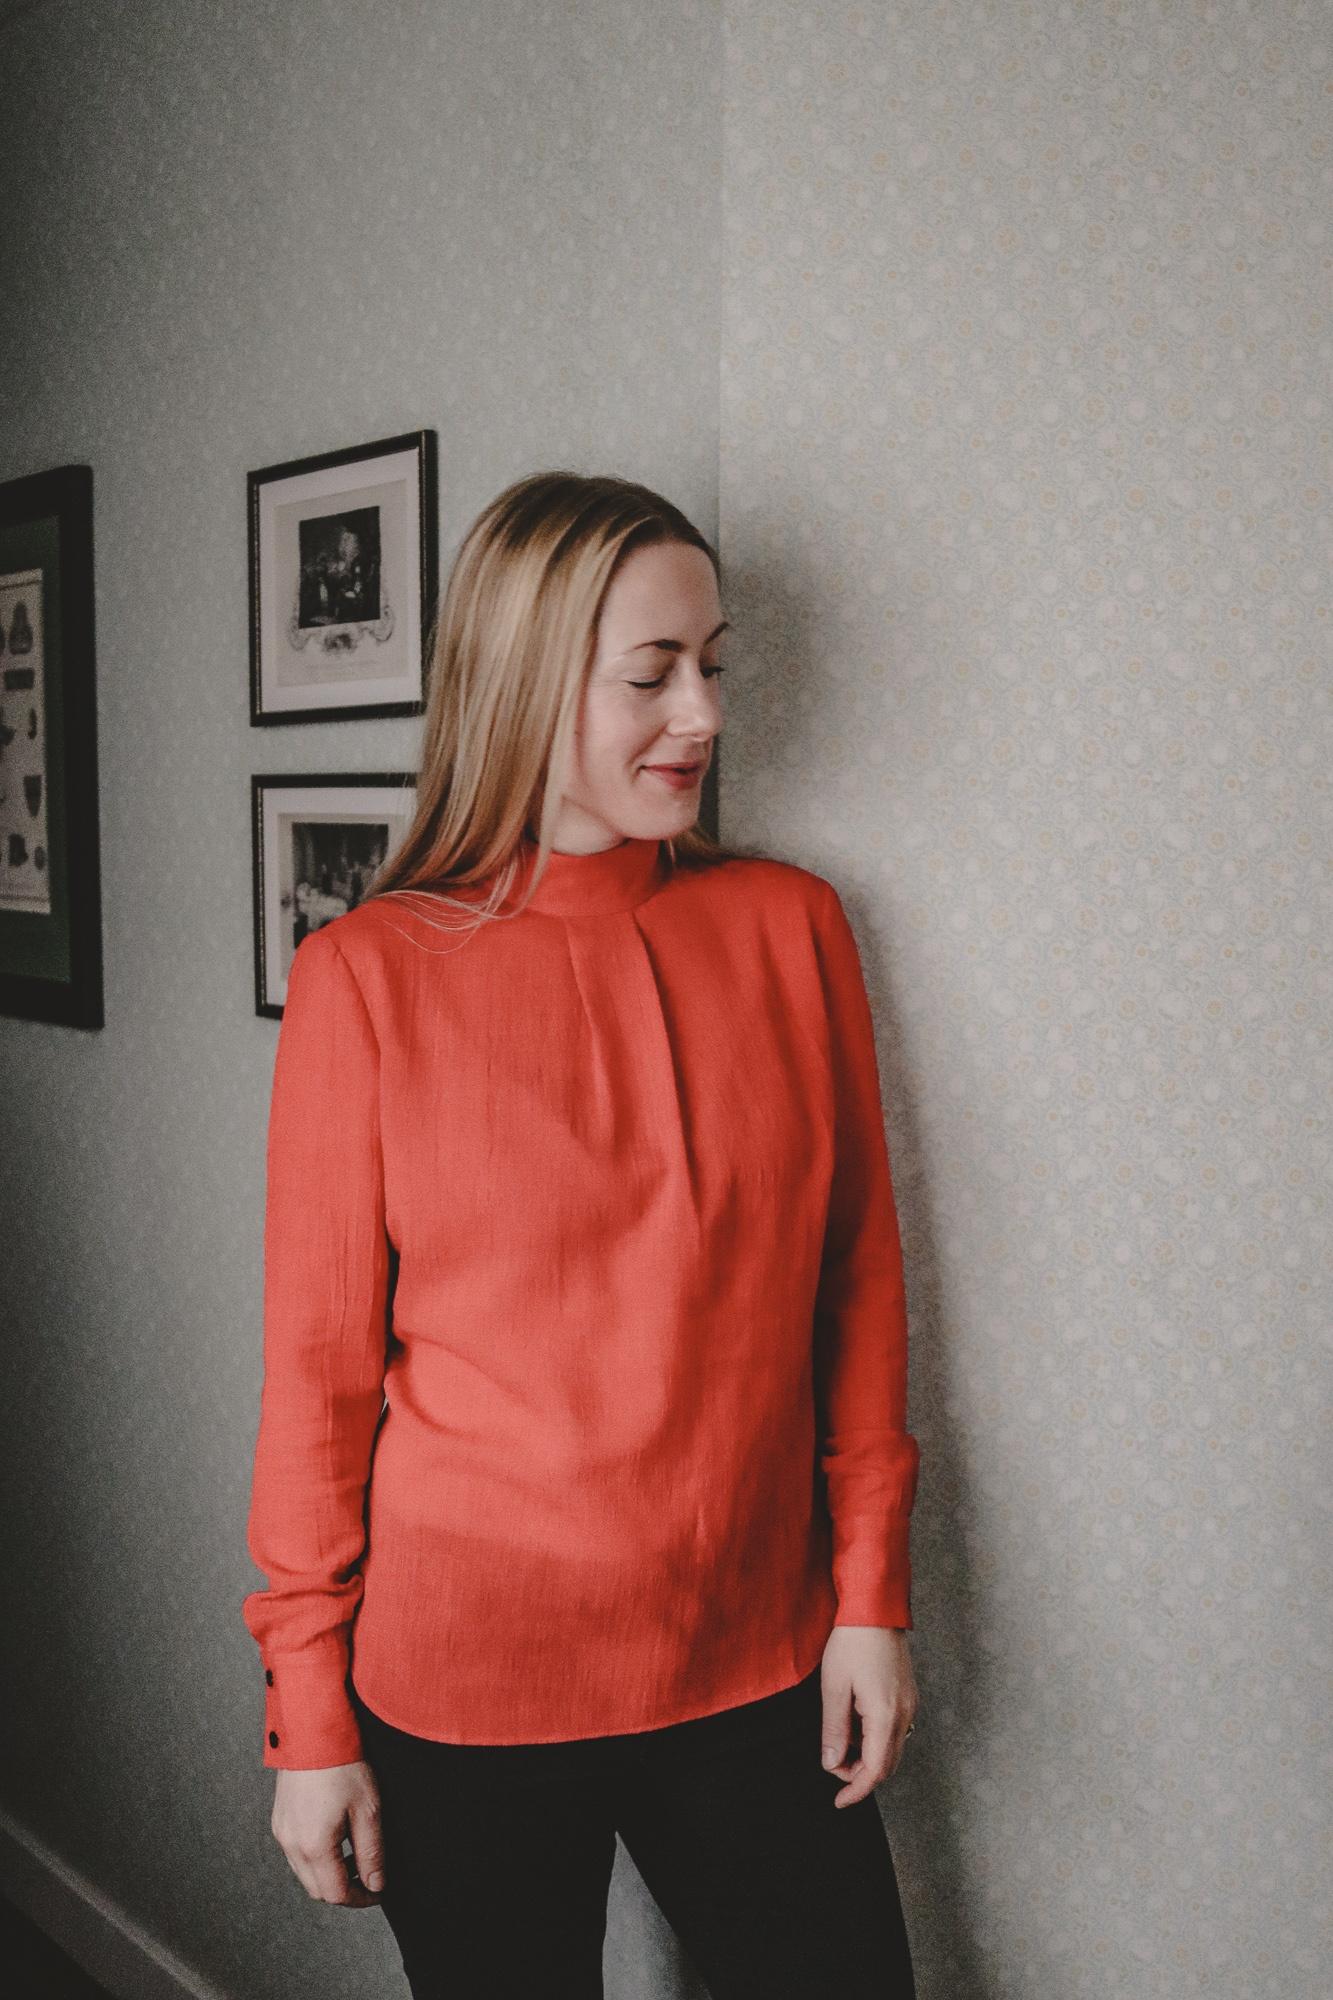 Mein London-Look feat. Cefinn: Teil 2 – Die rote Bluse | Anzeige, enthält Affiliate Links